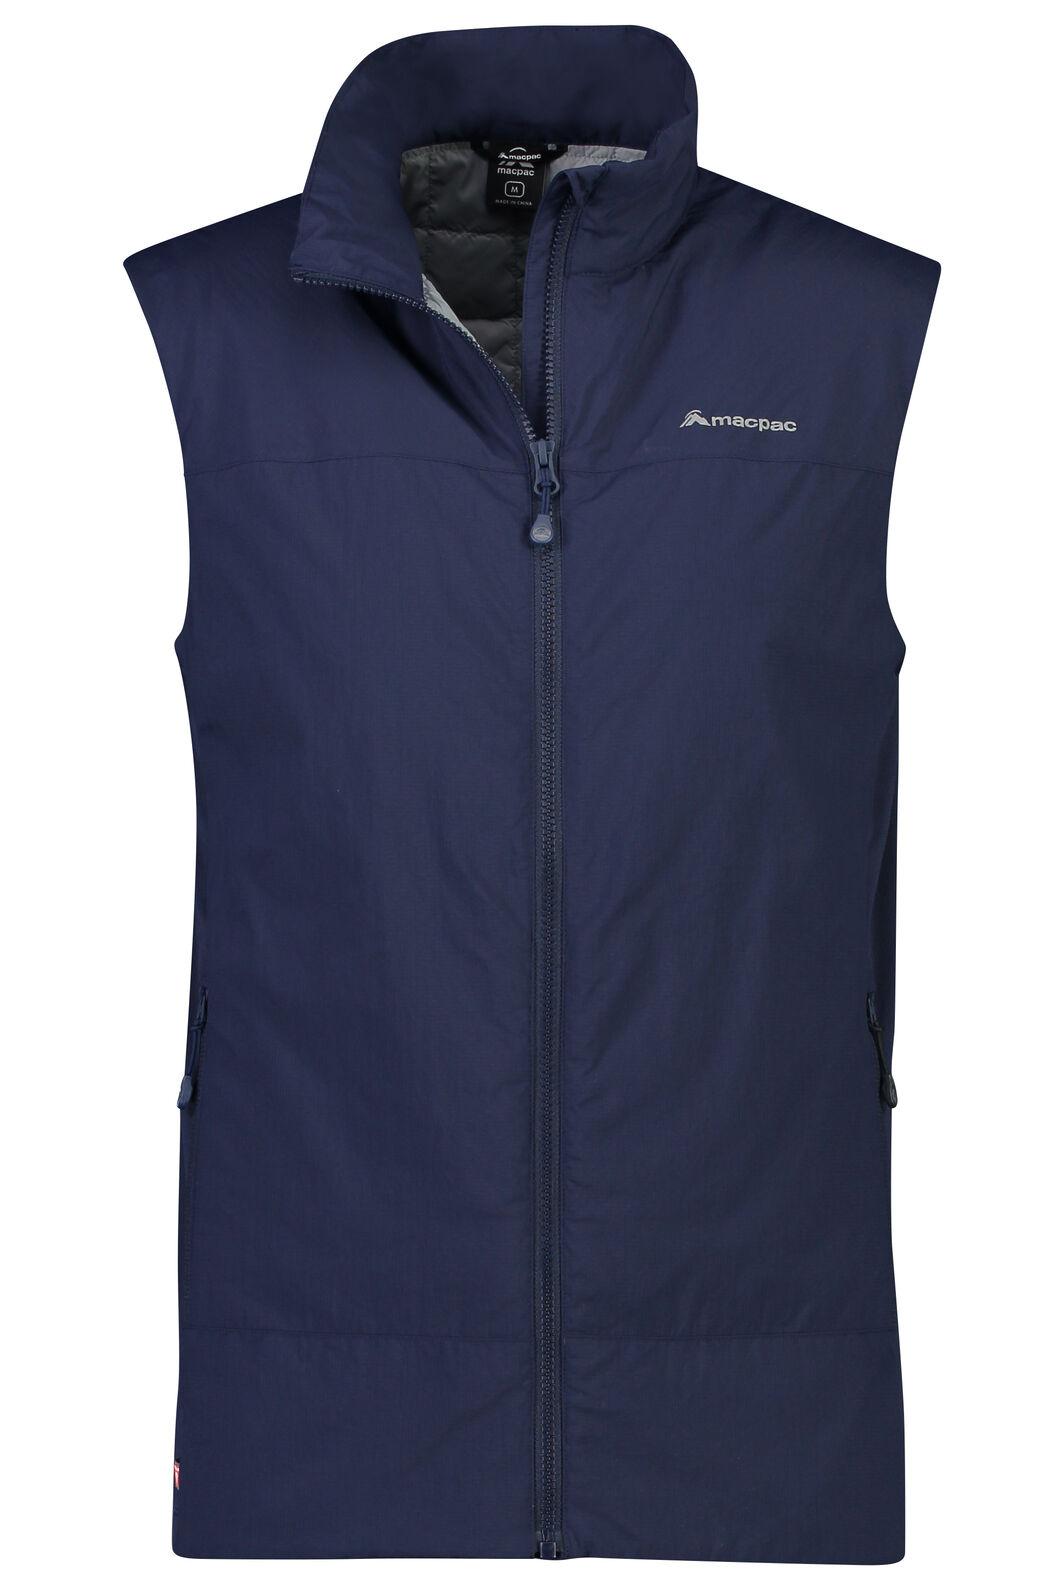 Macpac Ethos PrimaLoft® Vest - Men's, Black Iris, hi-res